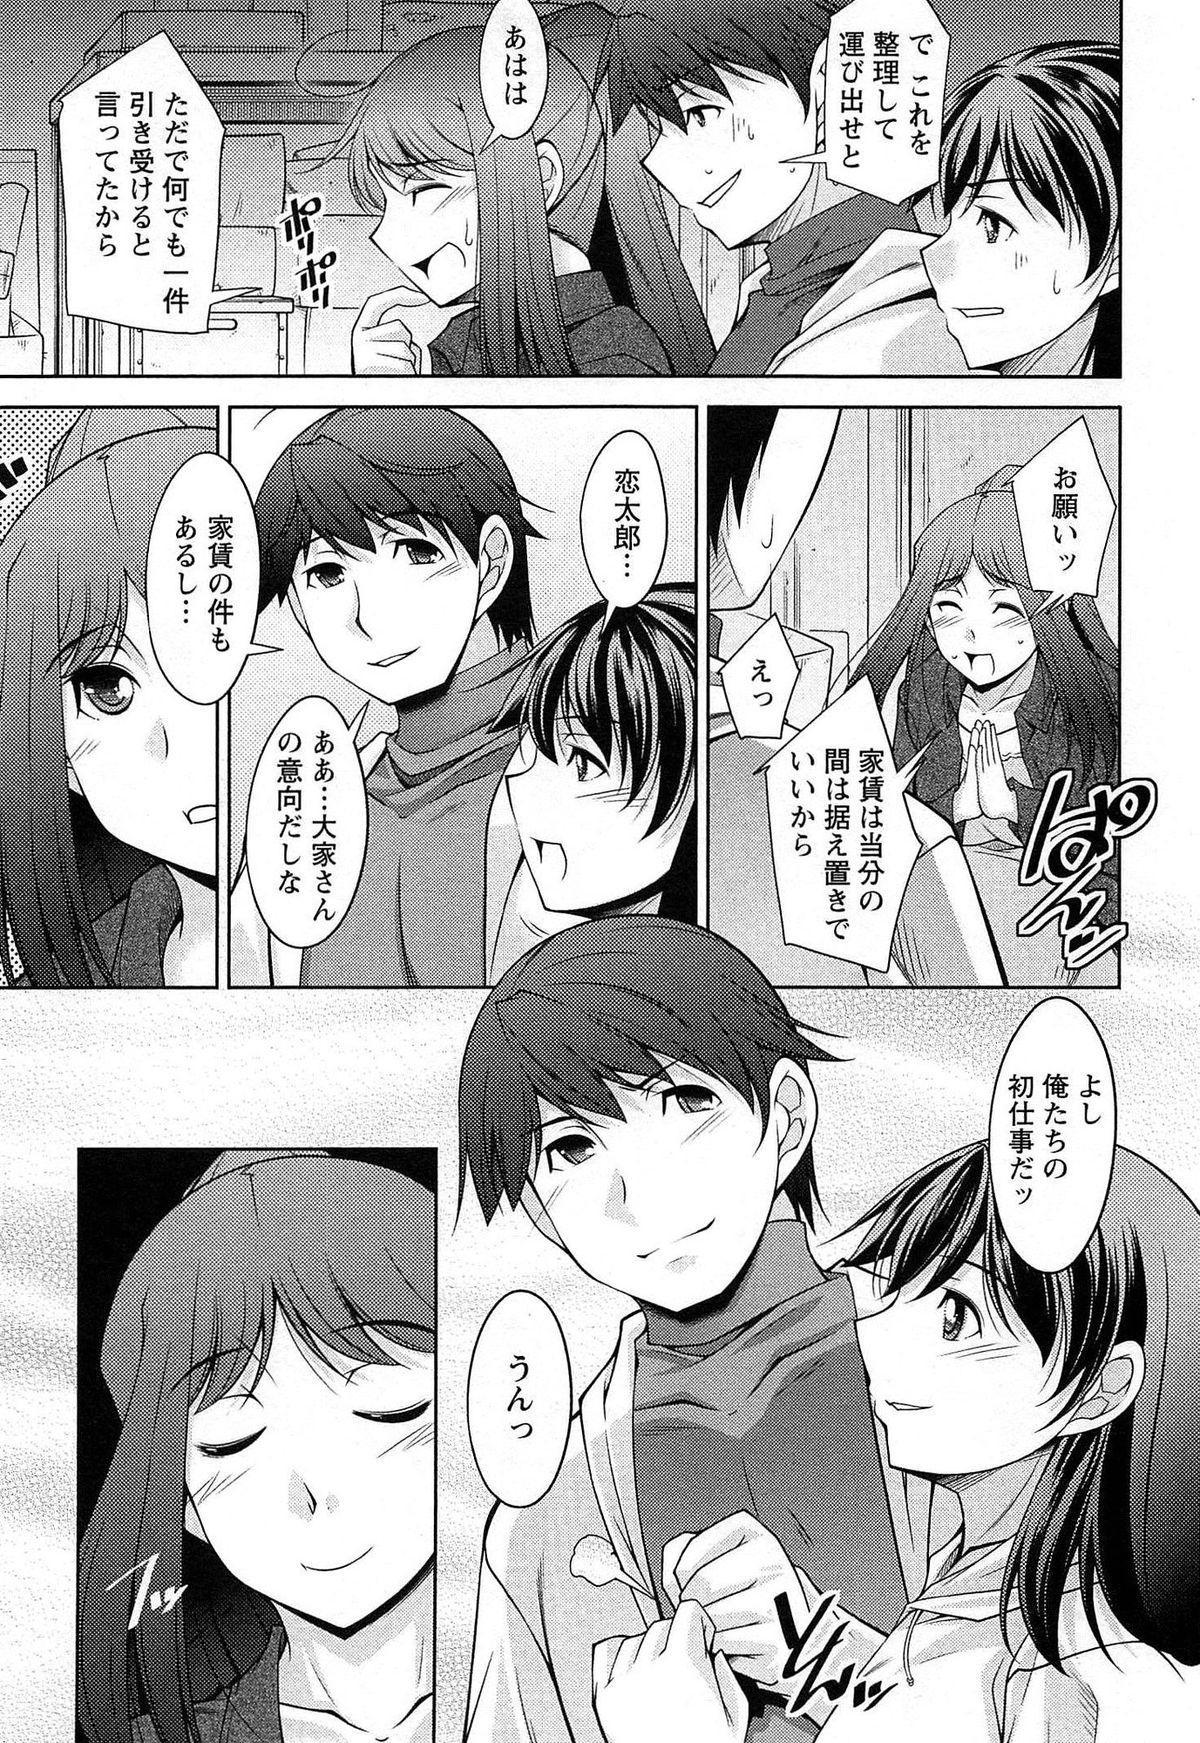 [zen9] Tsuki-wo Ai-Shite - Tsuki-ni Koi-shite 2 9